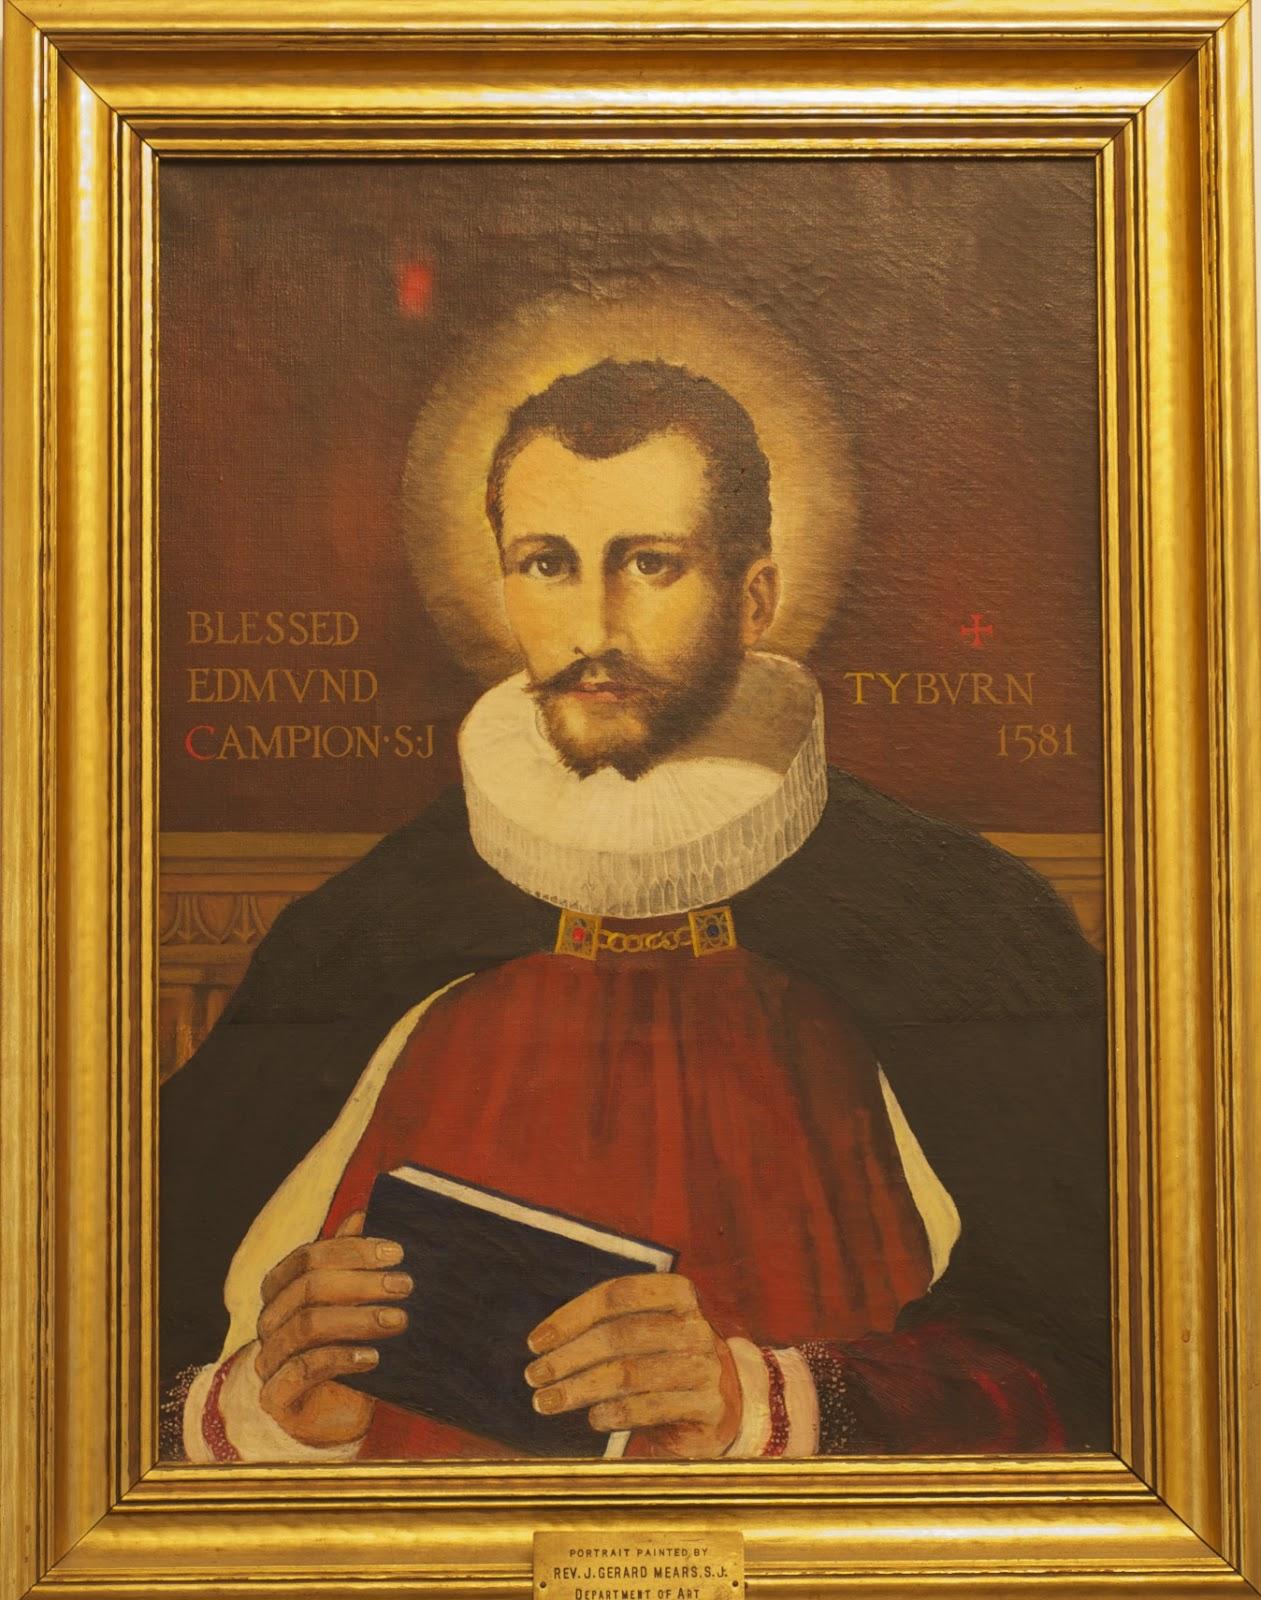 Fr Jack Sj Md December 2012